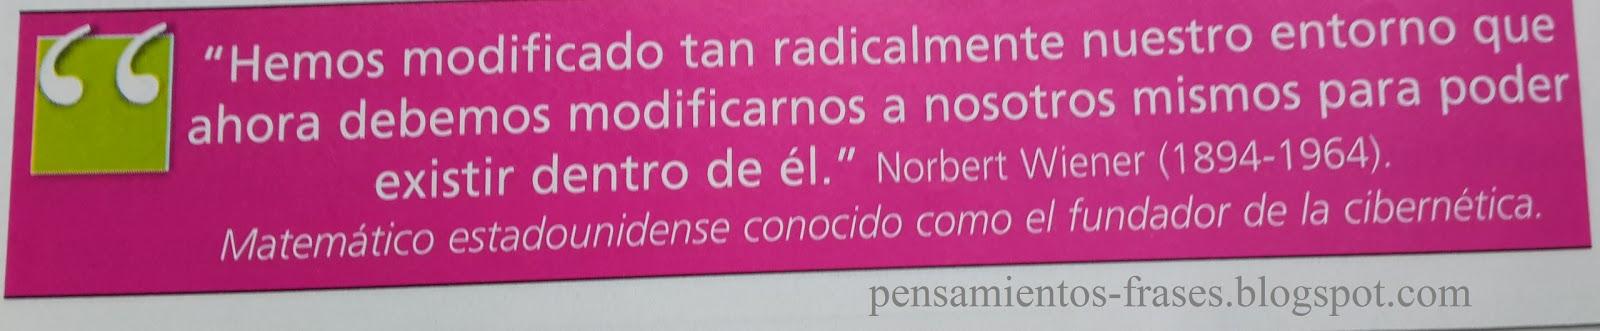 frases de Norbert Wiener